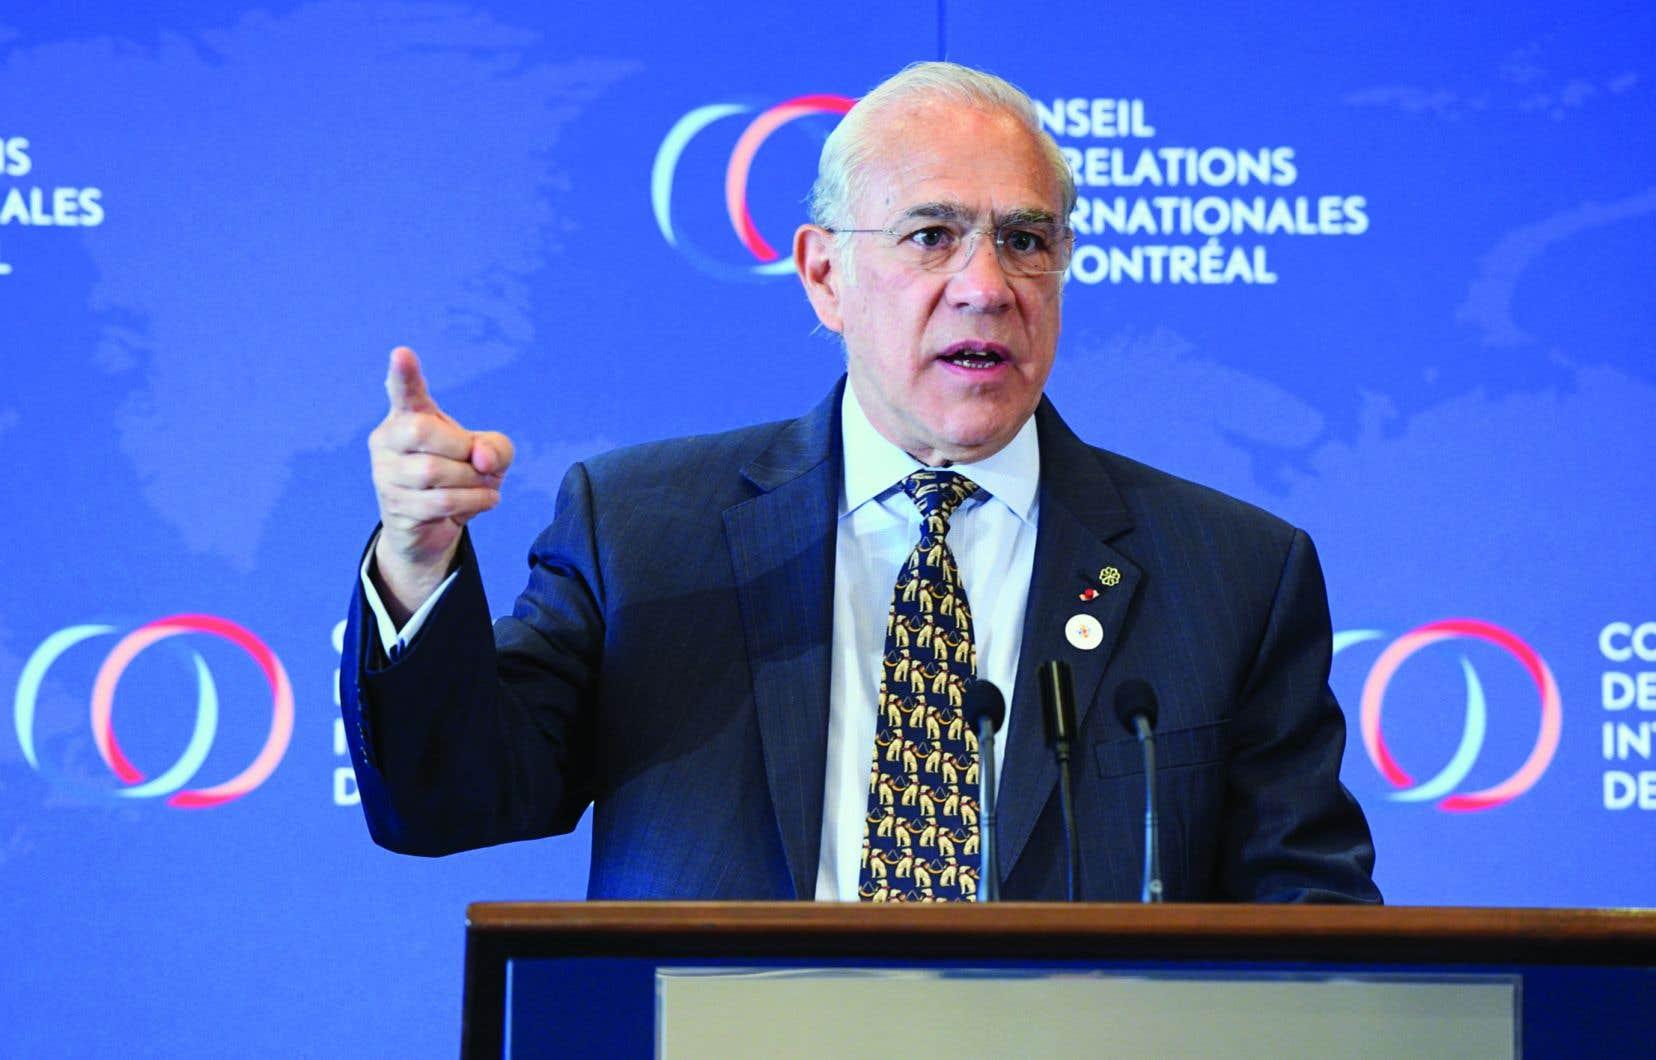 Selon Angel Gurria, on ne peut revenir en arrière sur le multilatéralisme, car la planète est maintenant intrinsèquement interconnectée.